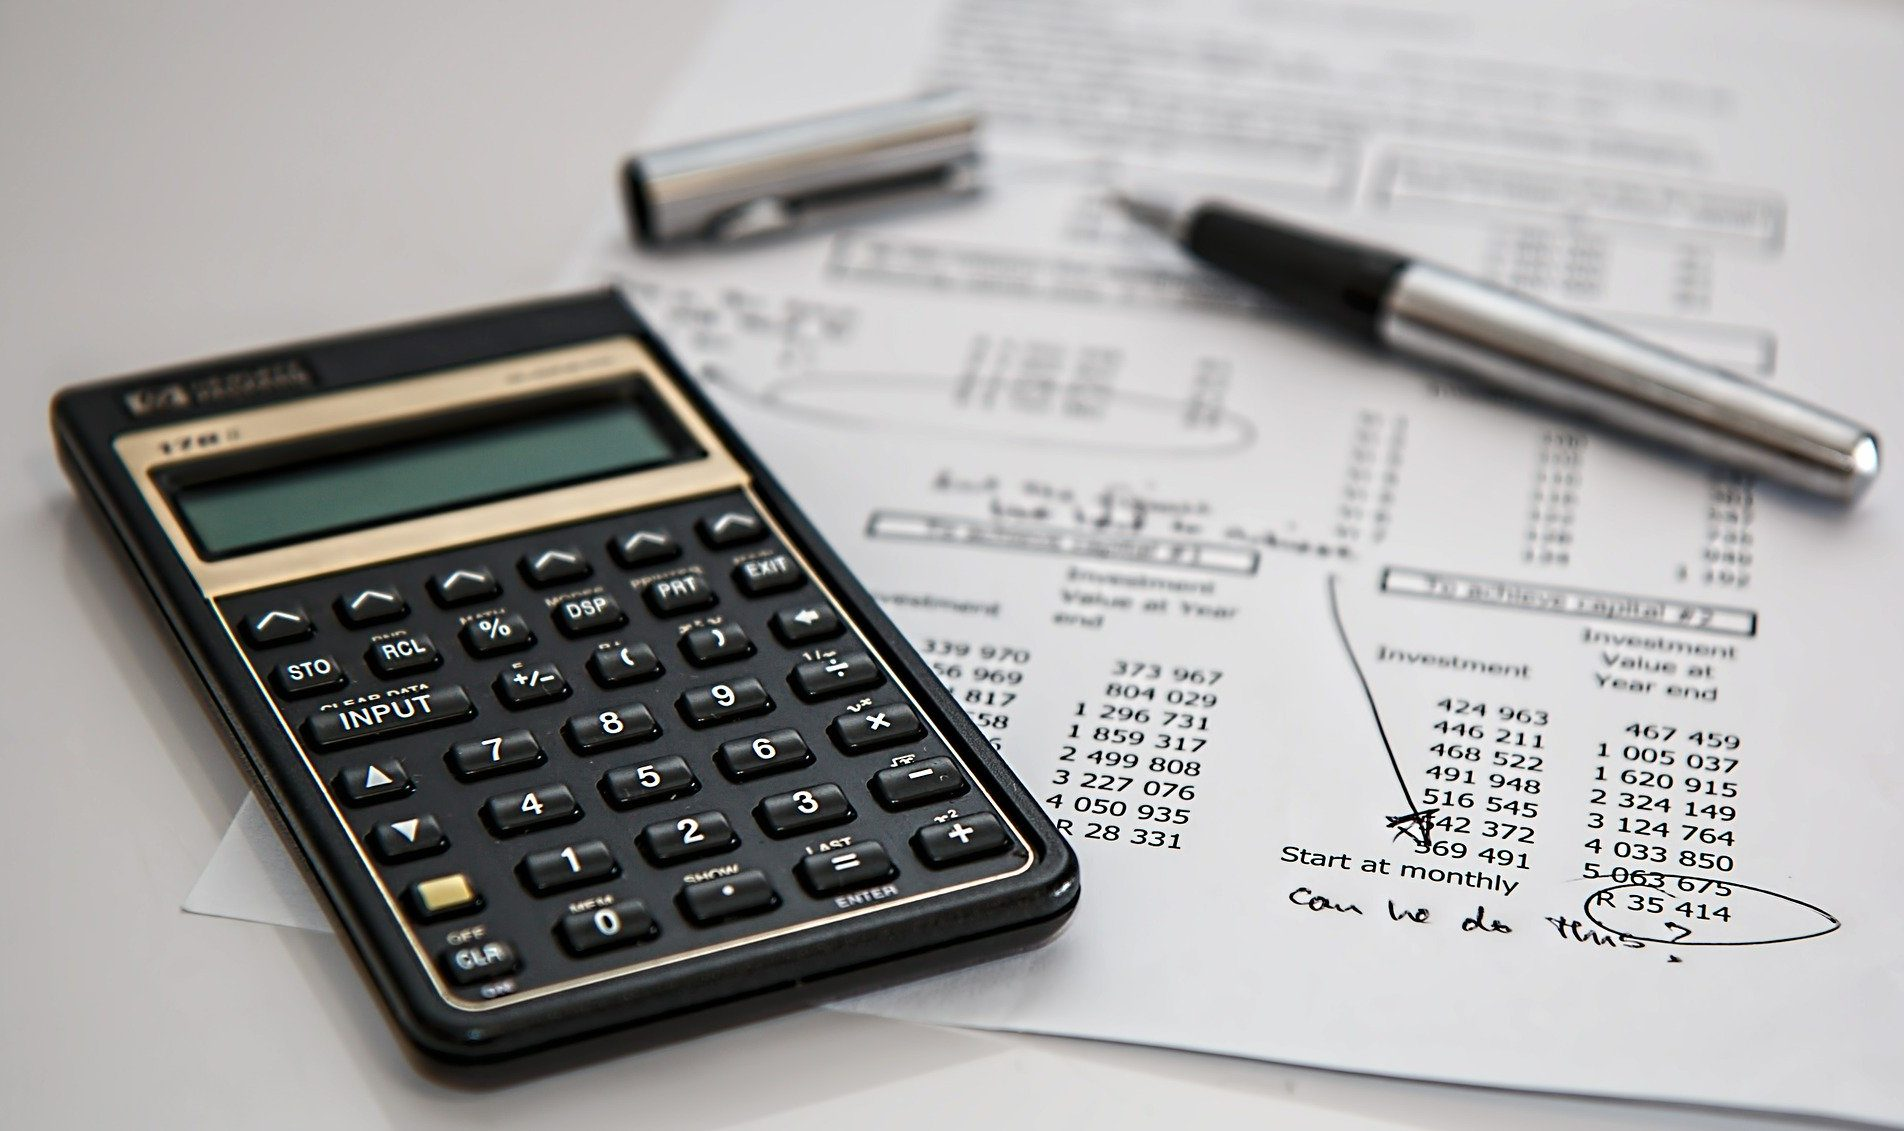 Taxe sur les salaires : les acomptes provisionnels des mois de juillet et août peuvent être reportés